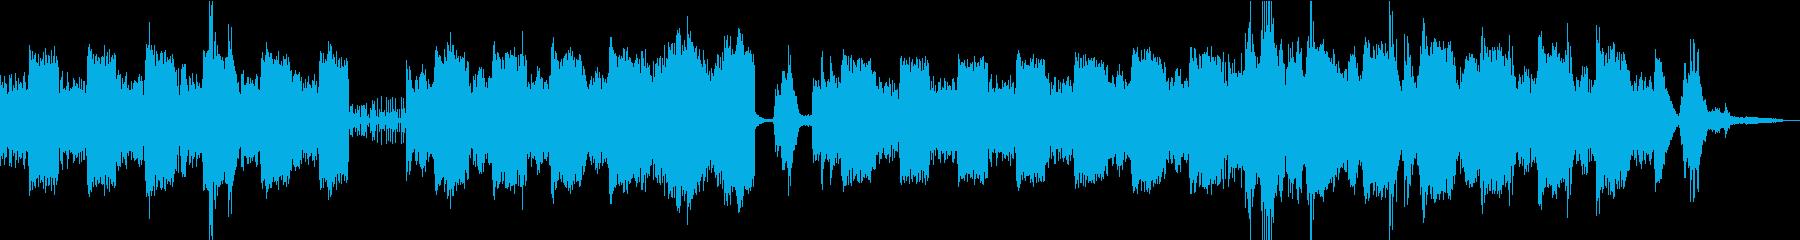 ゆったりと変化するアンビエントBGMの再生済みの波形